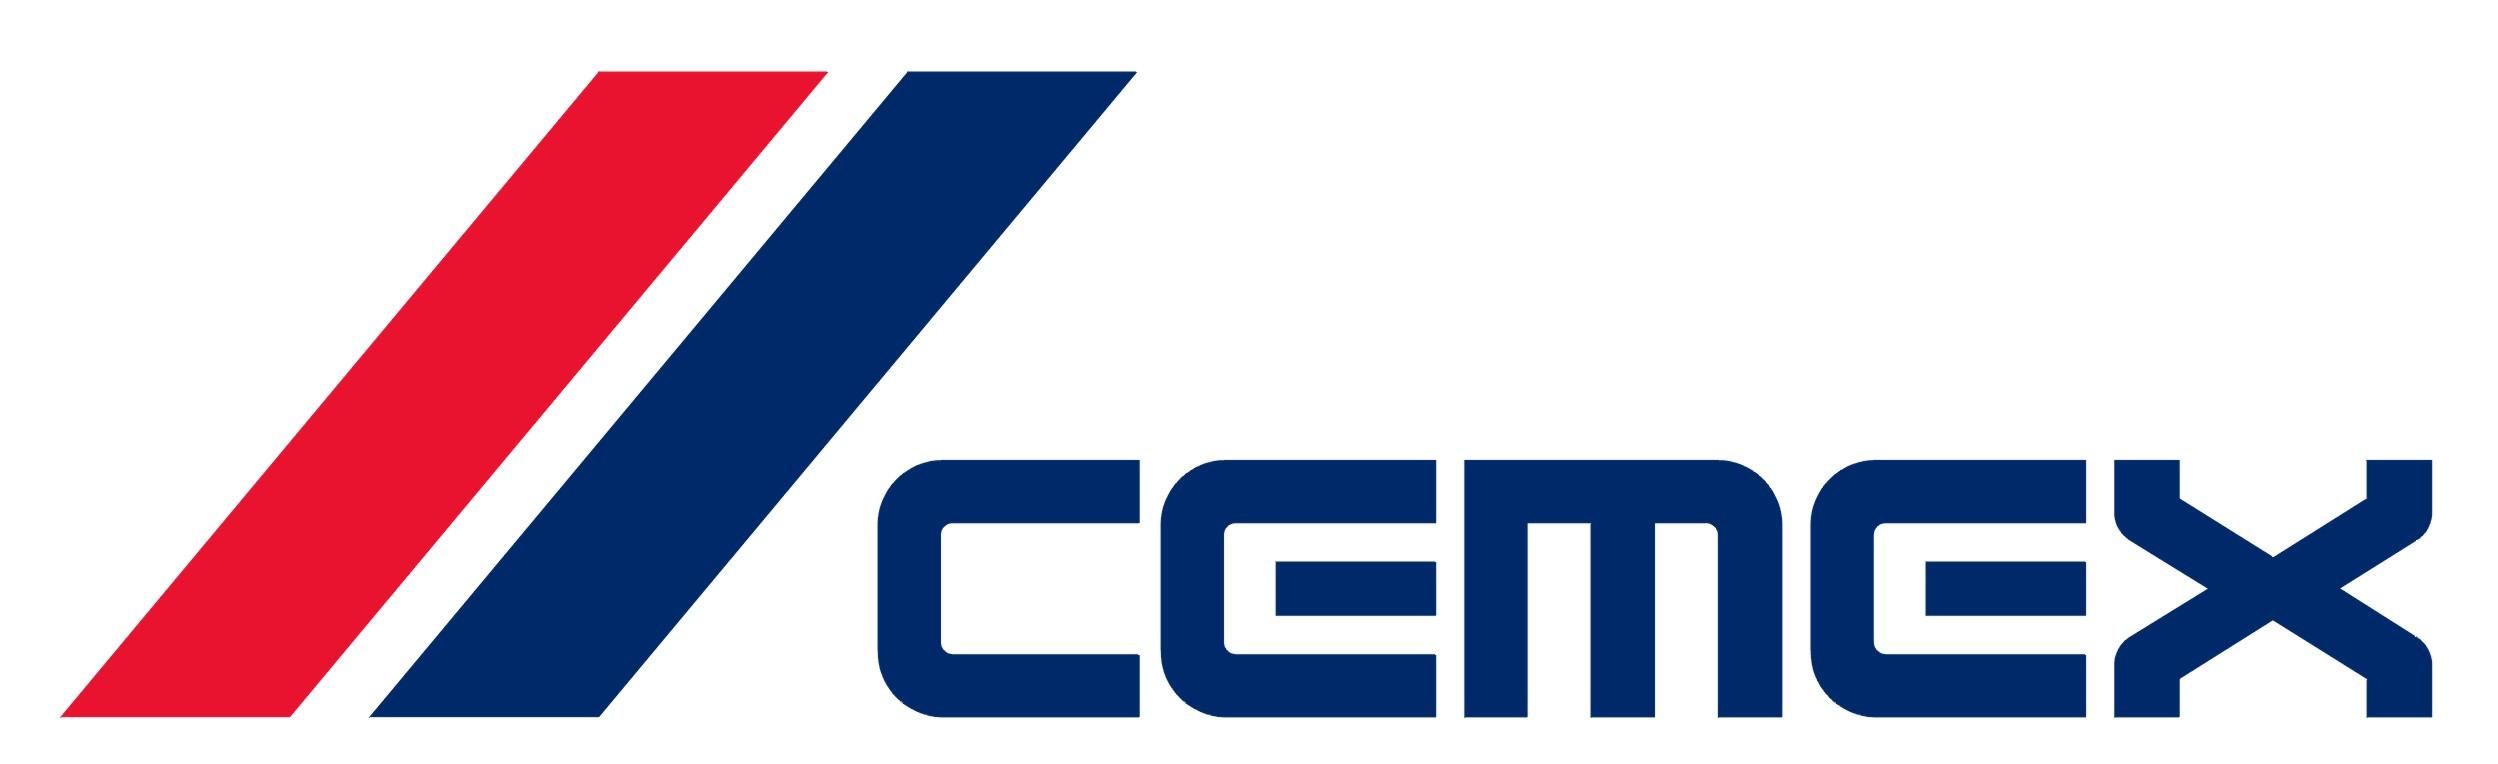 CEMEX_high